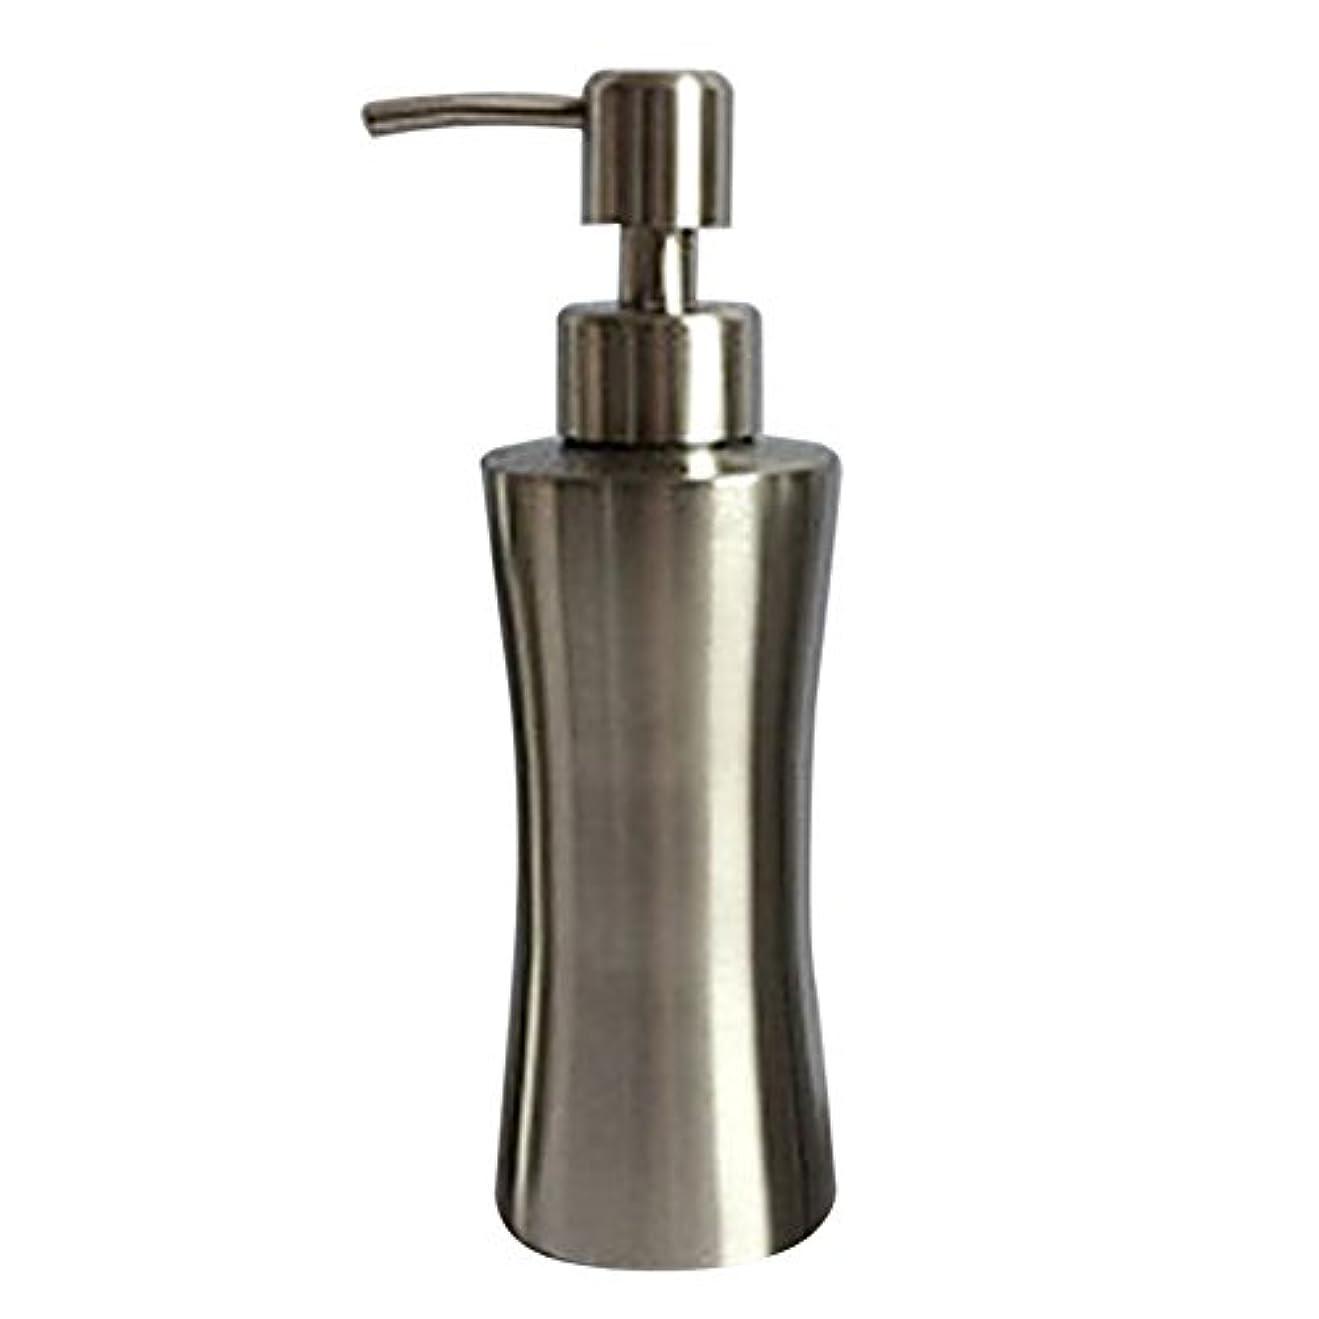 グローバル健康的優雅なディスペンサー ステンレス ボトル 容器 ソープ 石鹸 シャンプー 手洗いボトル 耐久性 錆びない 220ml/250ml/400ml (B:250ml)